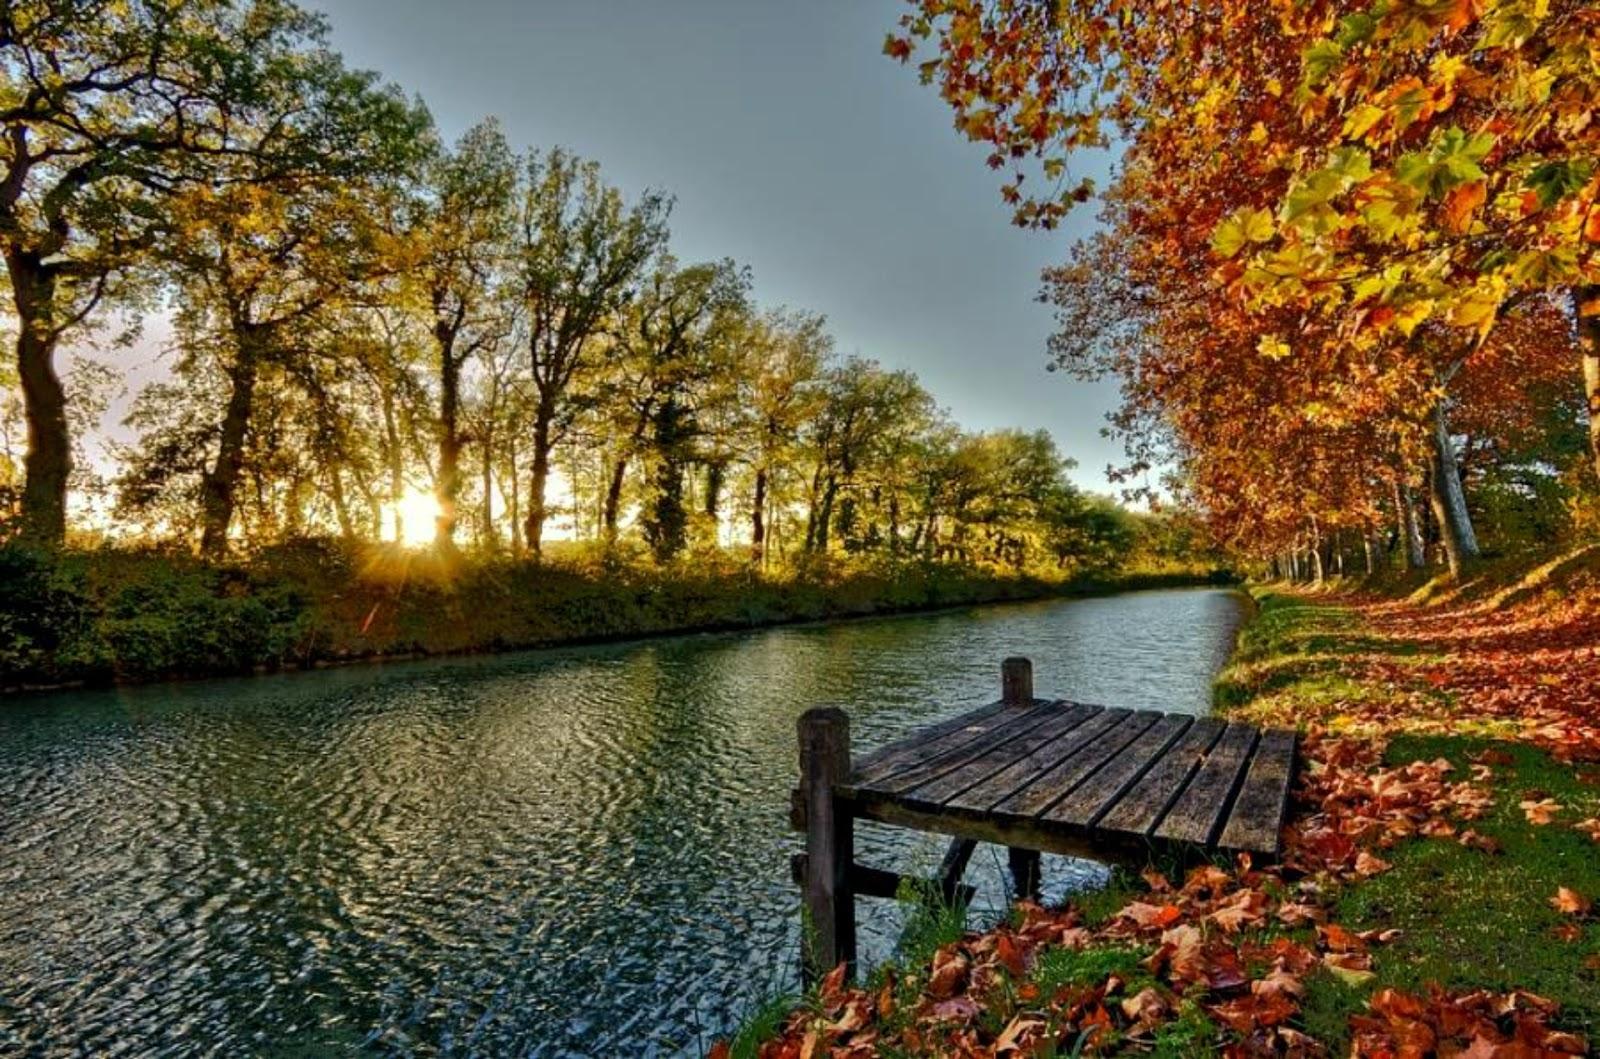 اجمل صور الطبيعة الخلابة 32